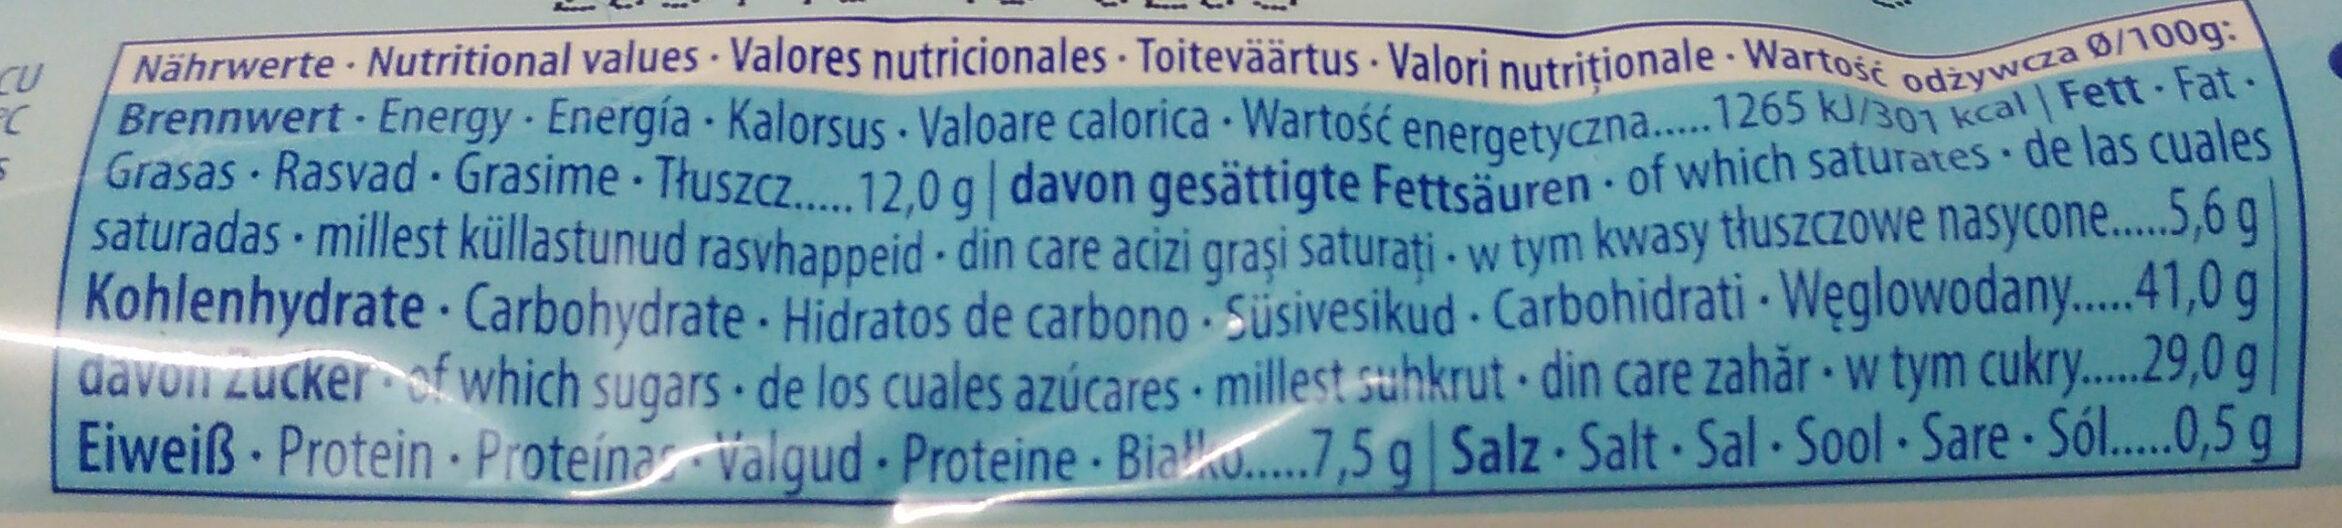 Käsekuchen Snack - Nutrition facts